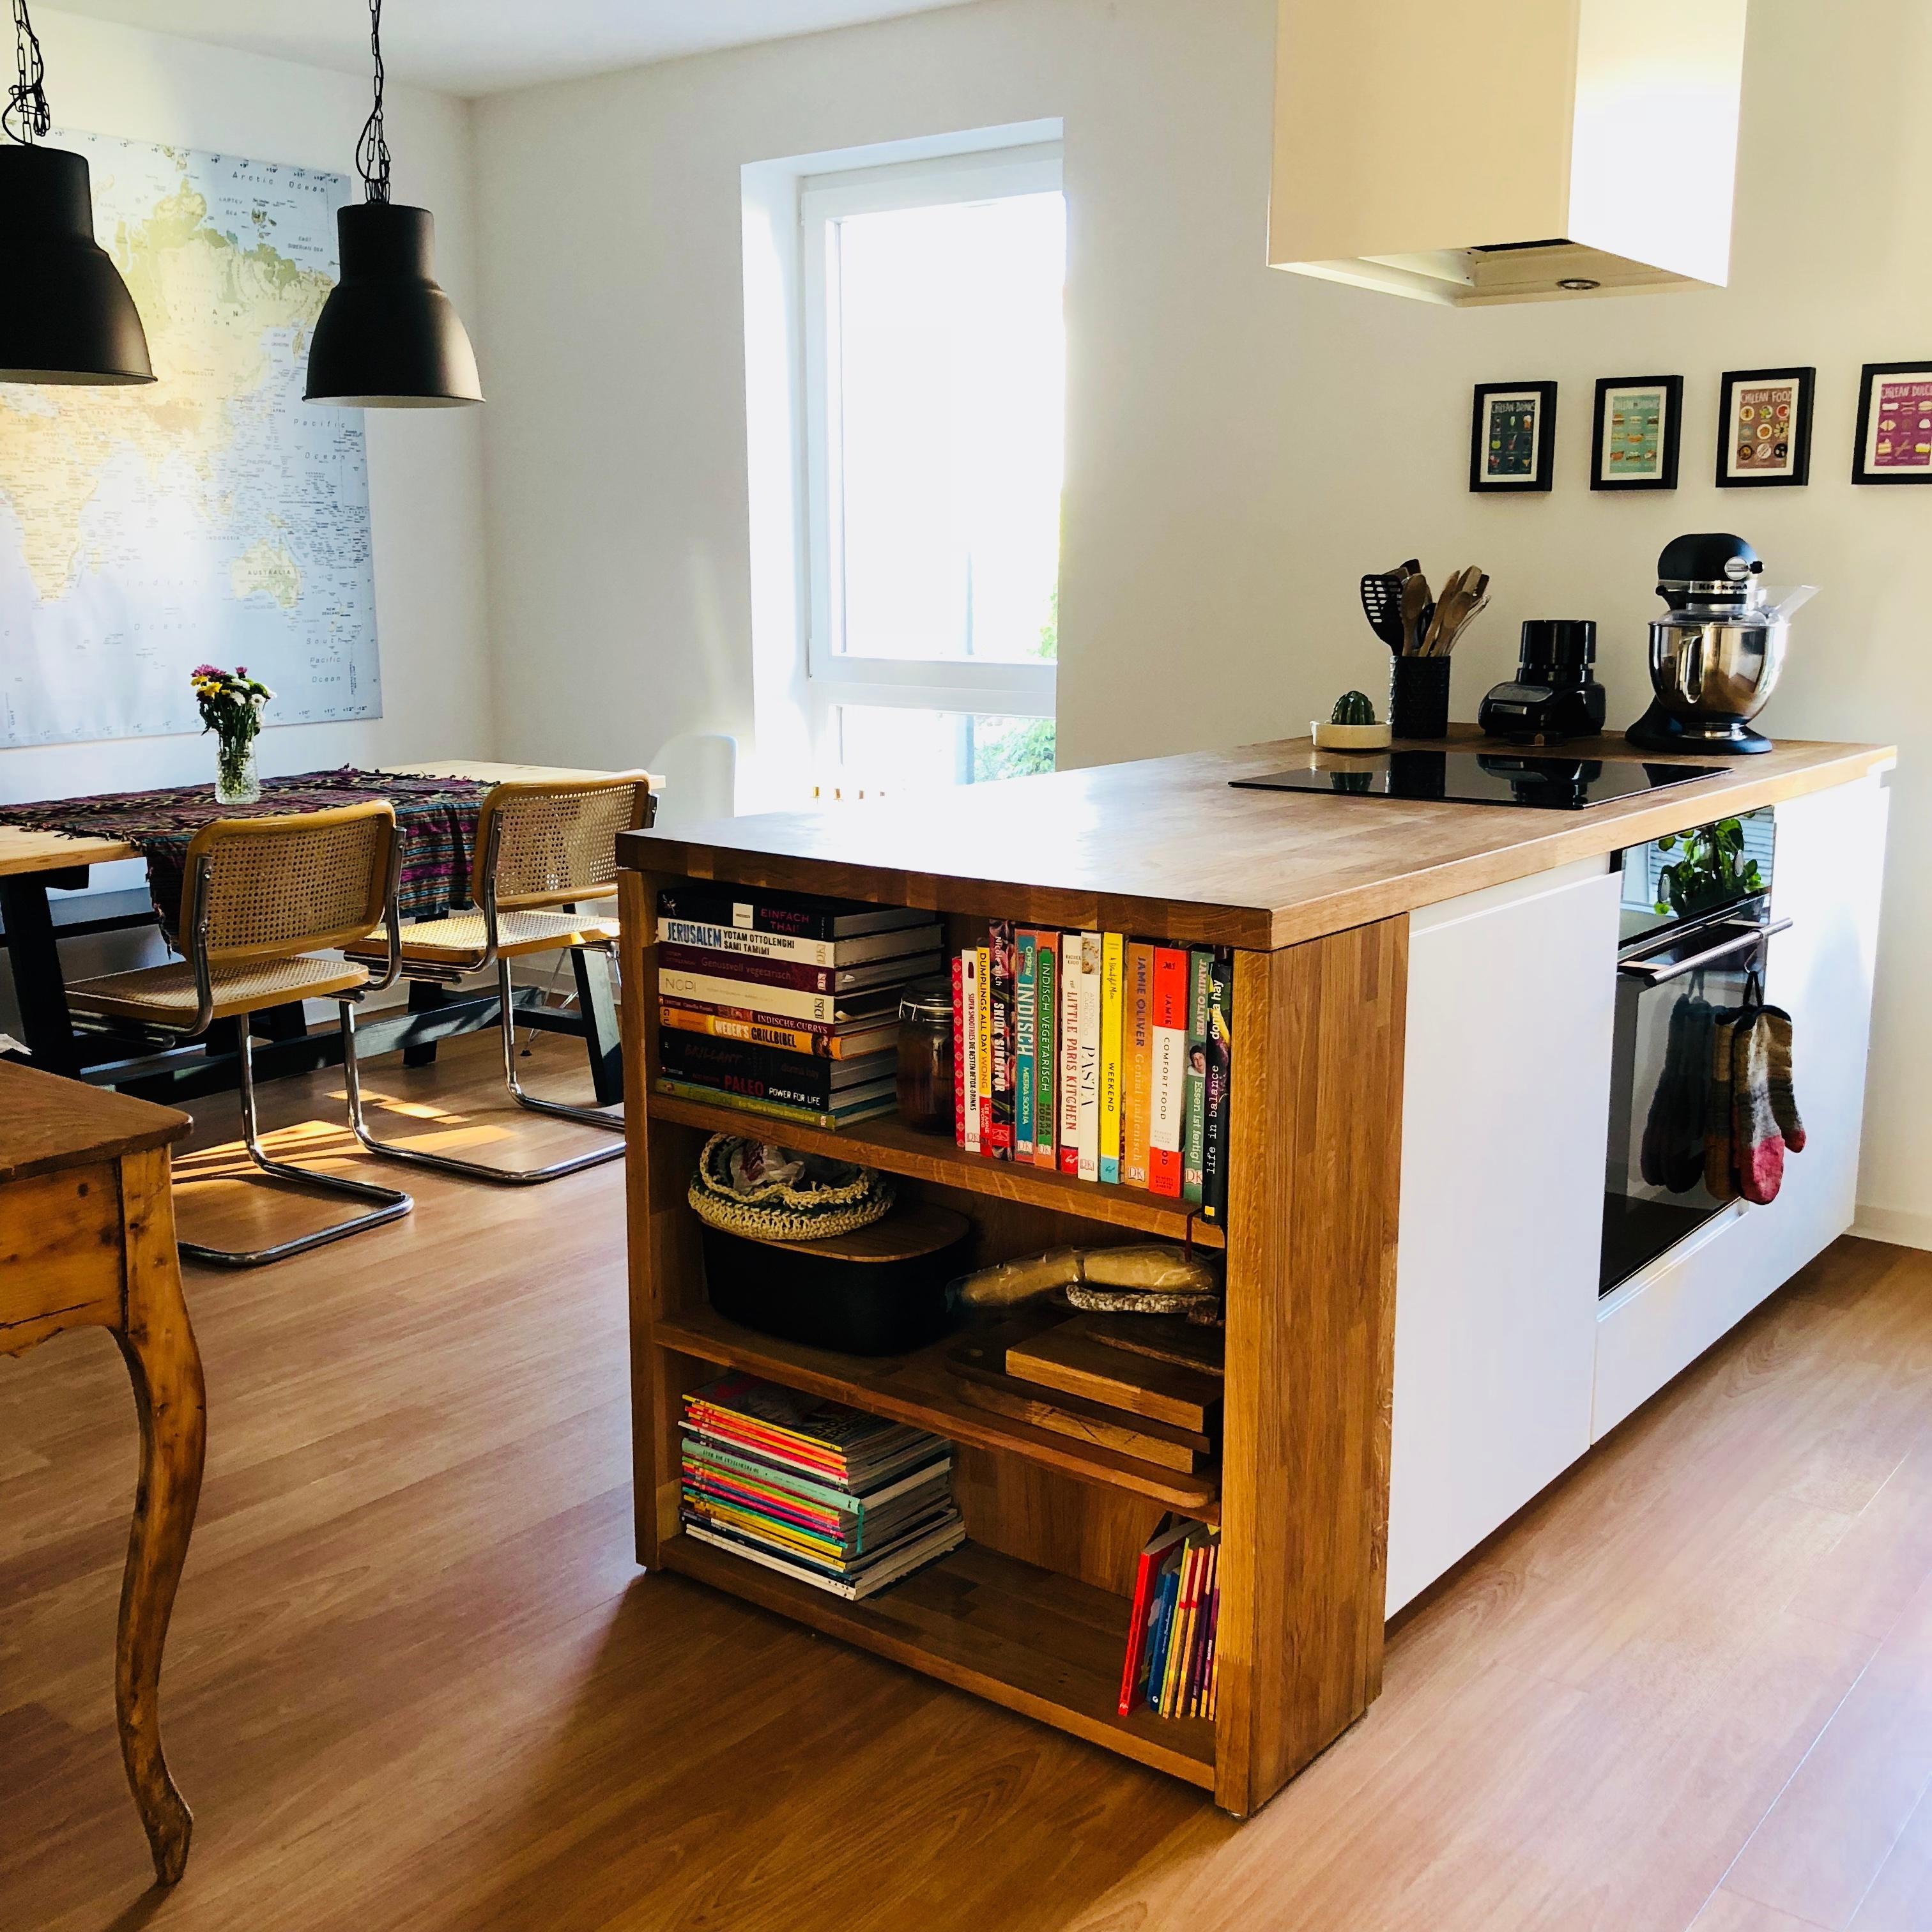 Ikea Küchenfronten Auf Alte Küche. Küche Deko Modern